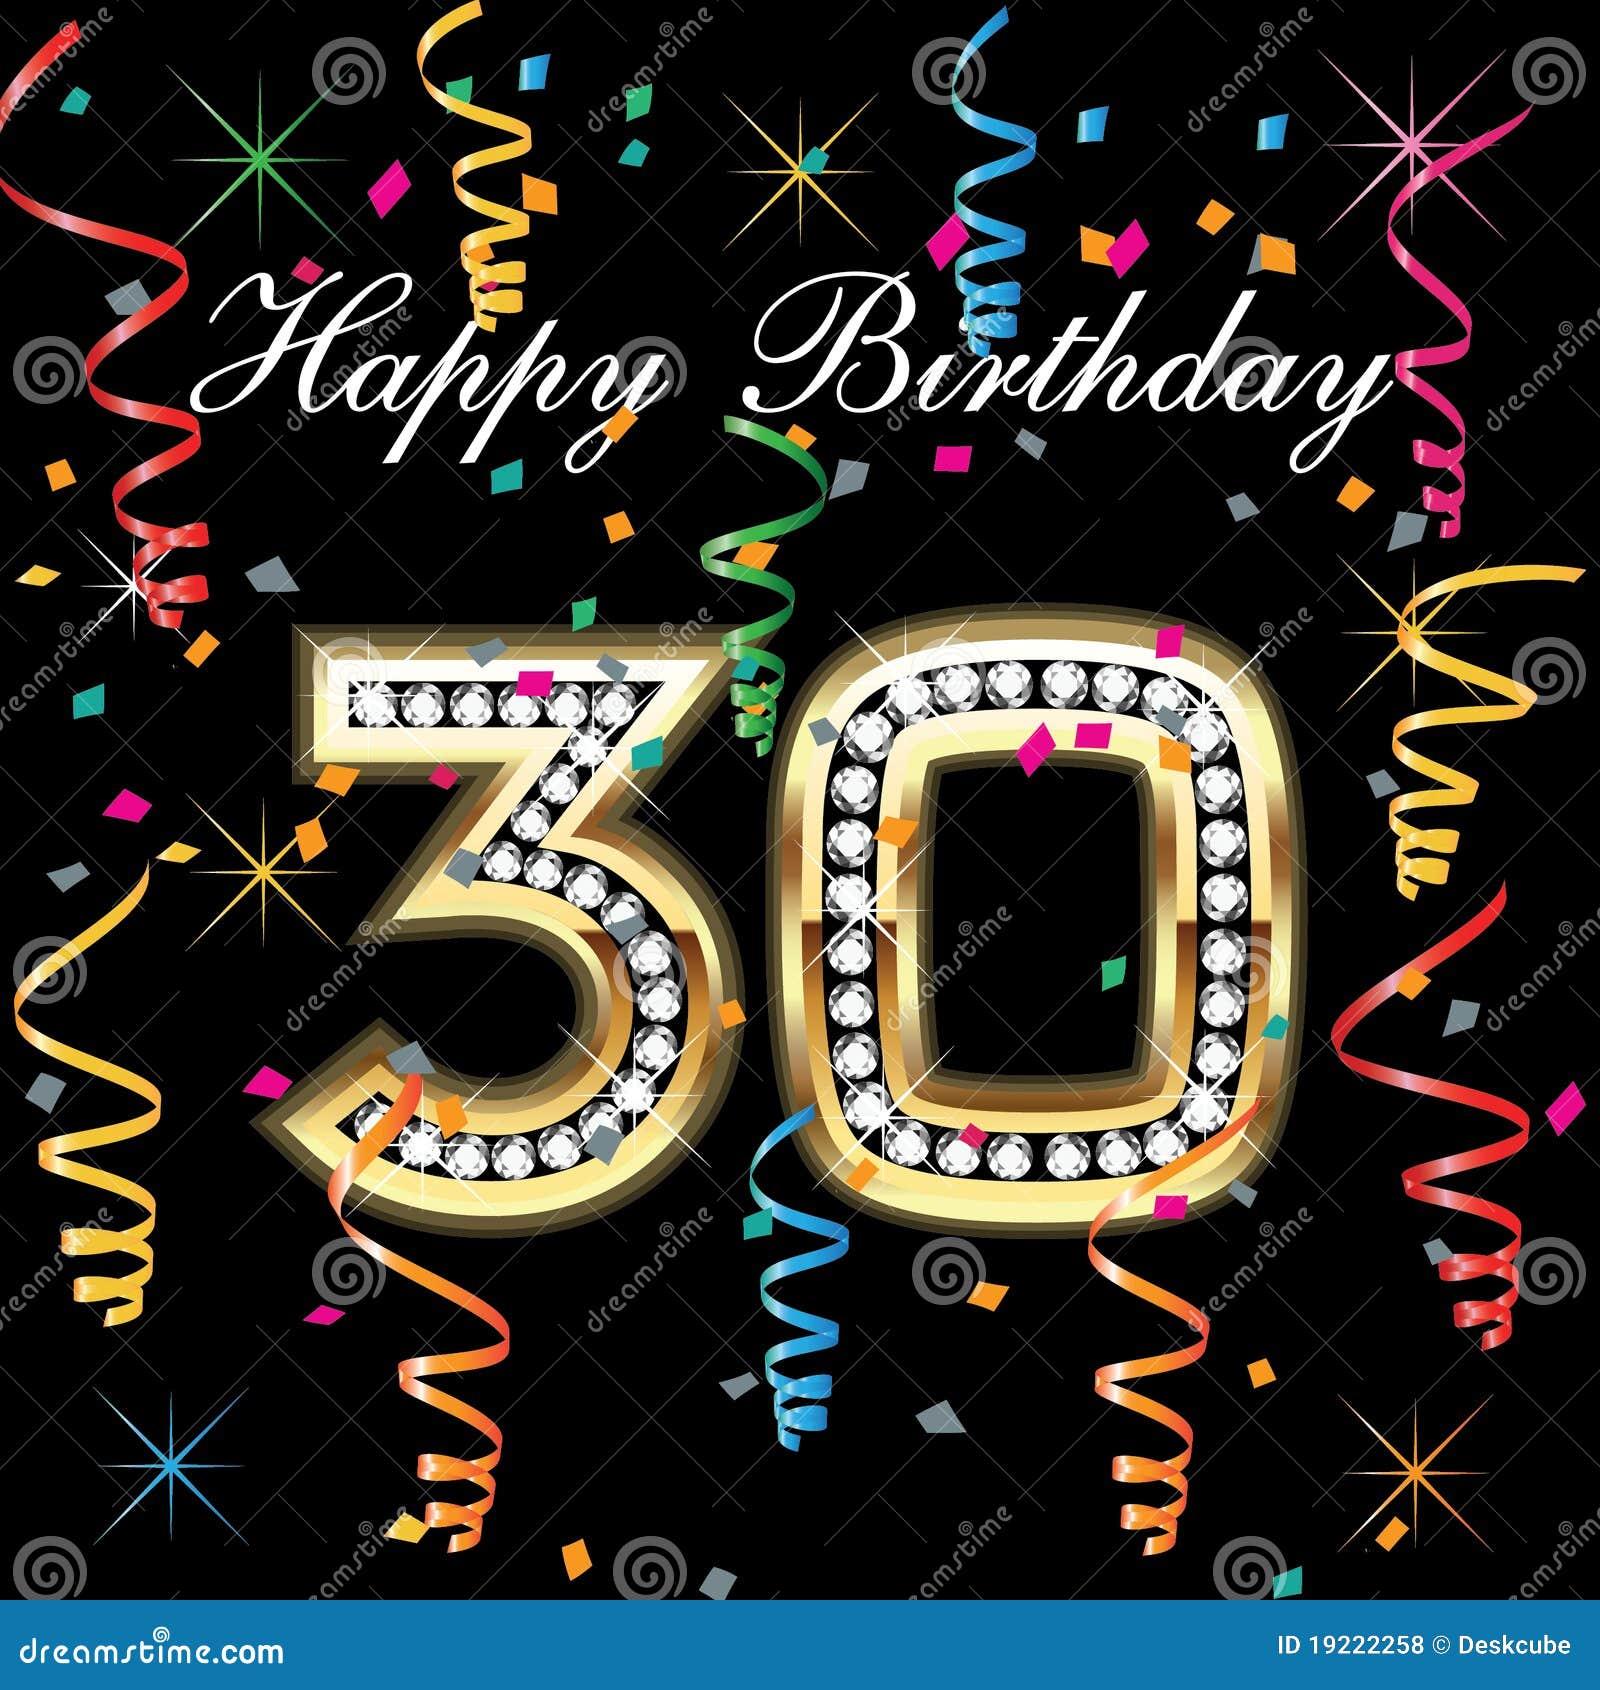 Поздравления с юбилеем 30 лет мужчине прикольные картинки